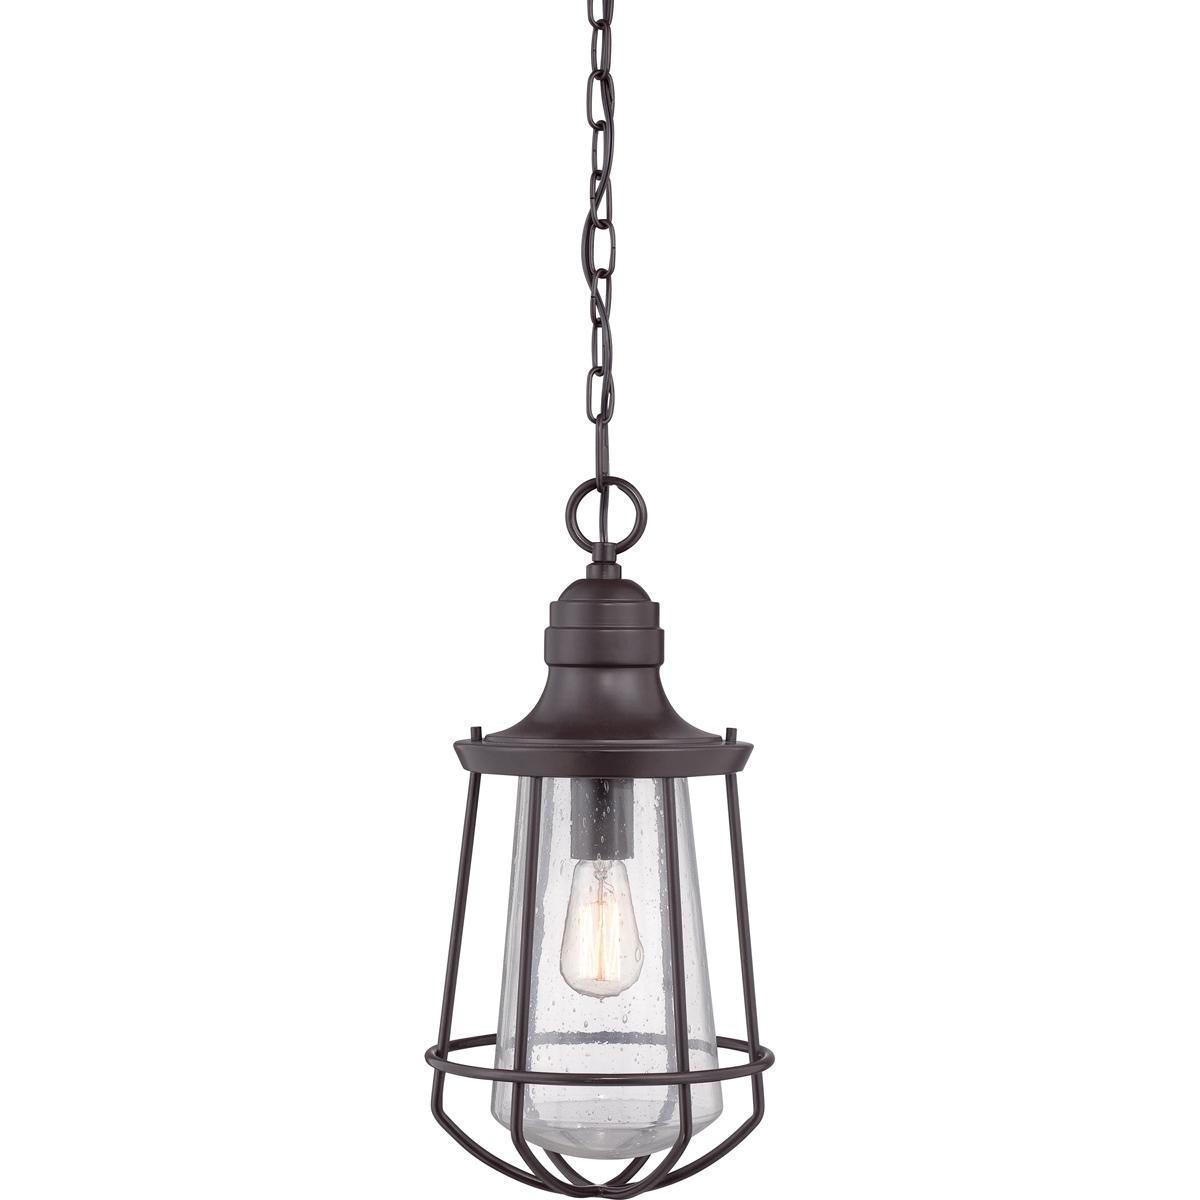 Outdoor Hanging Light Fixtures Trends And Industrial Lights Pictures Throughout Outdoor Hanging Light Pendants (View 9 of 15)